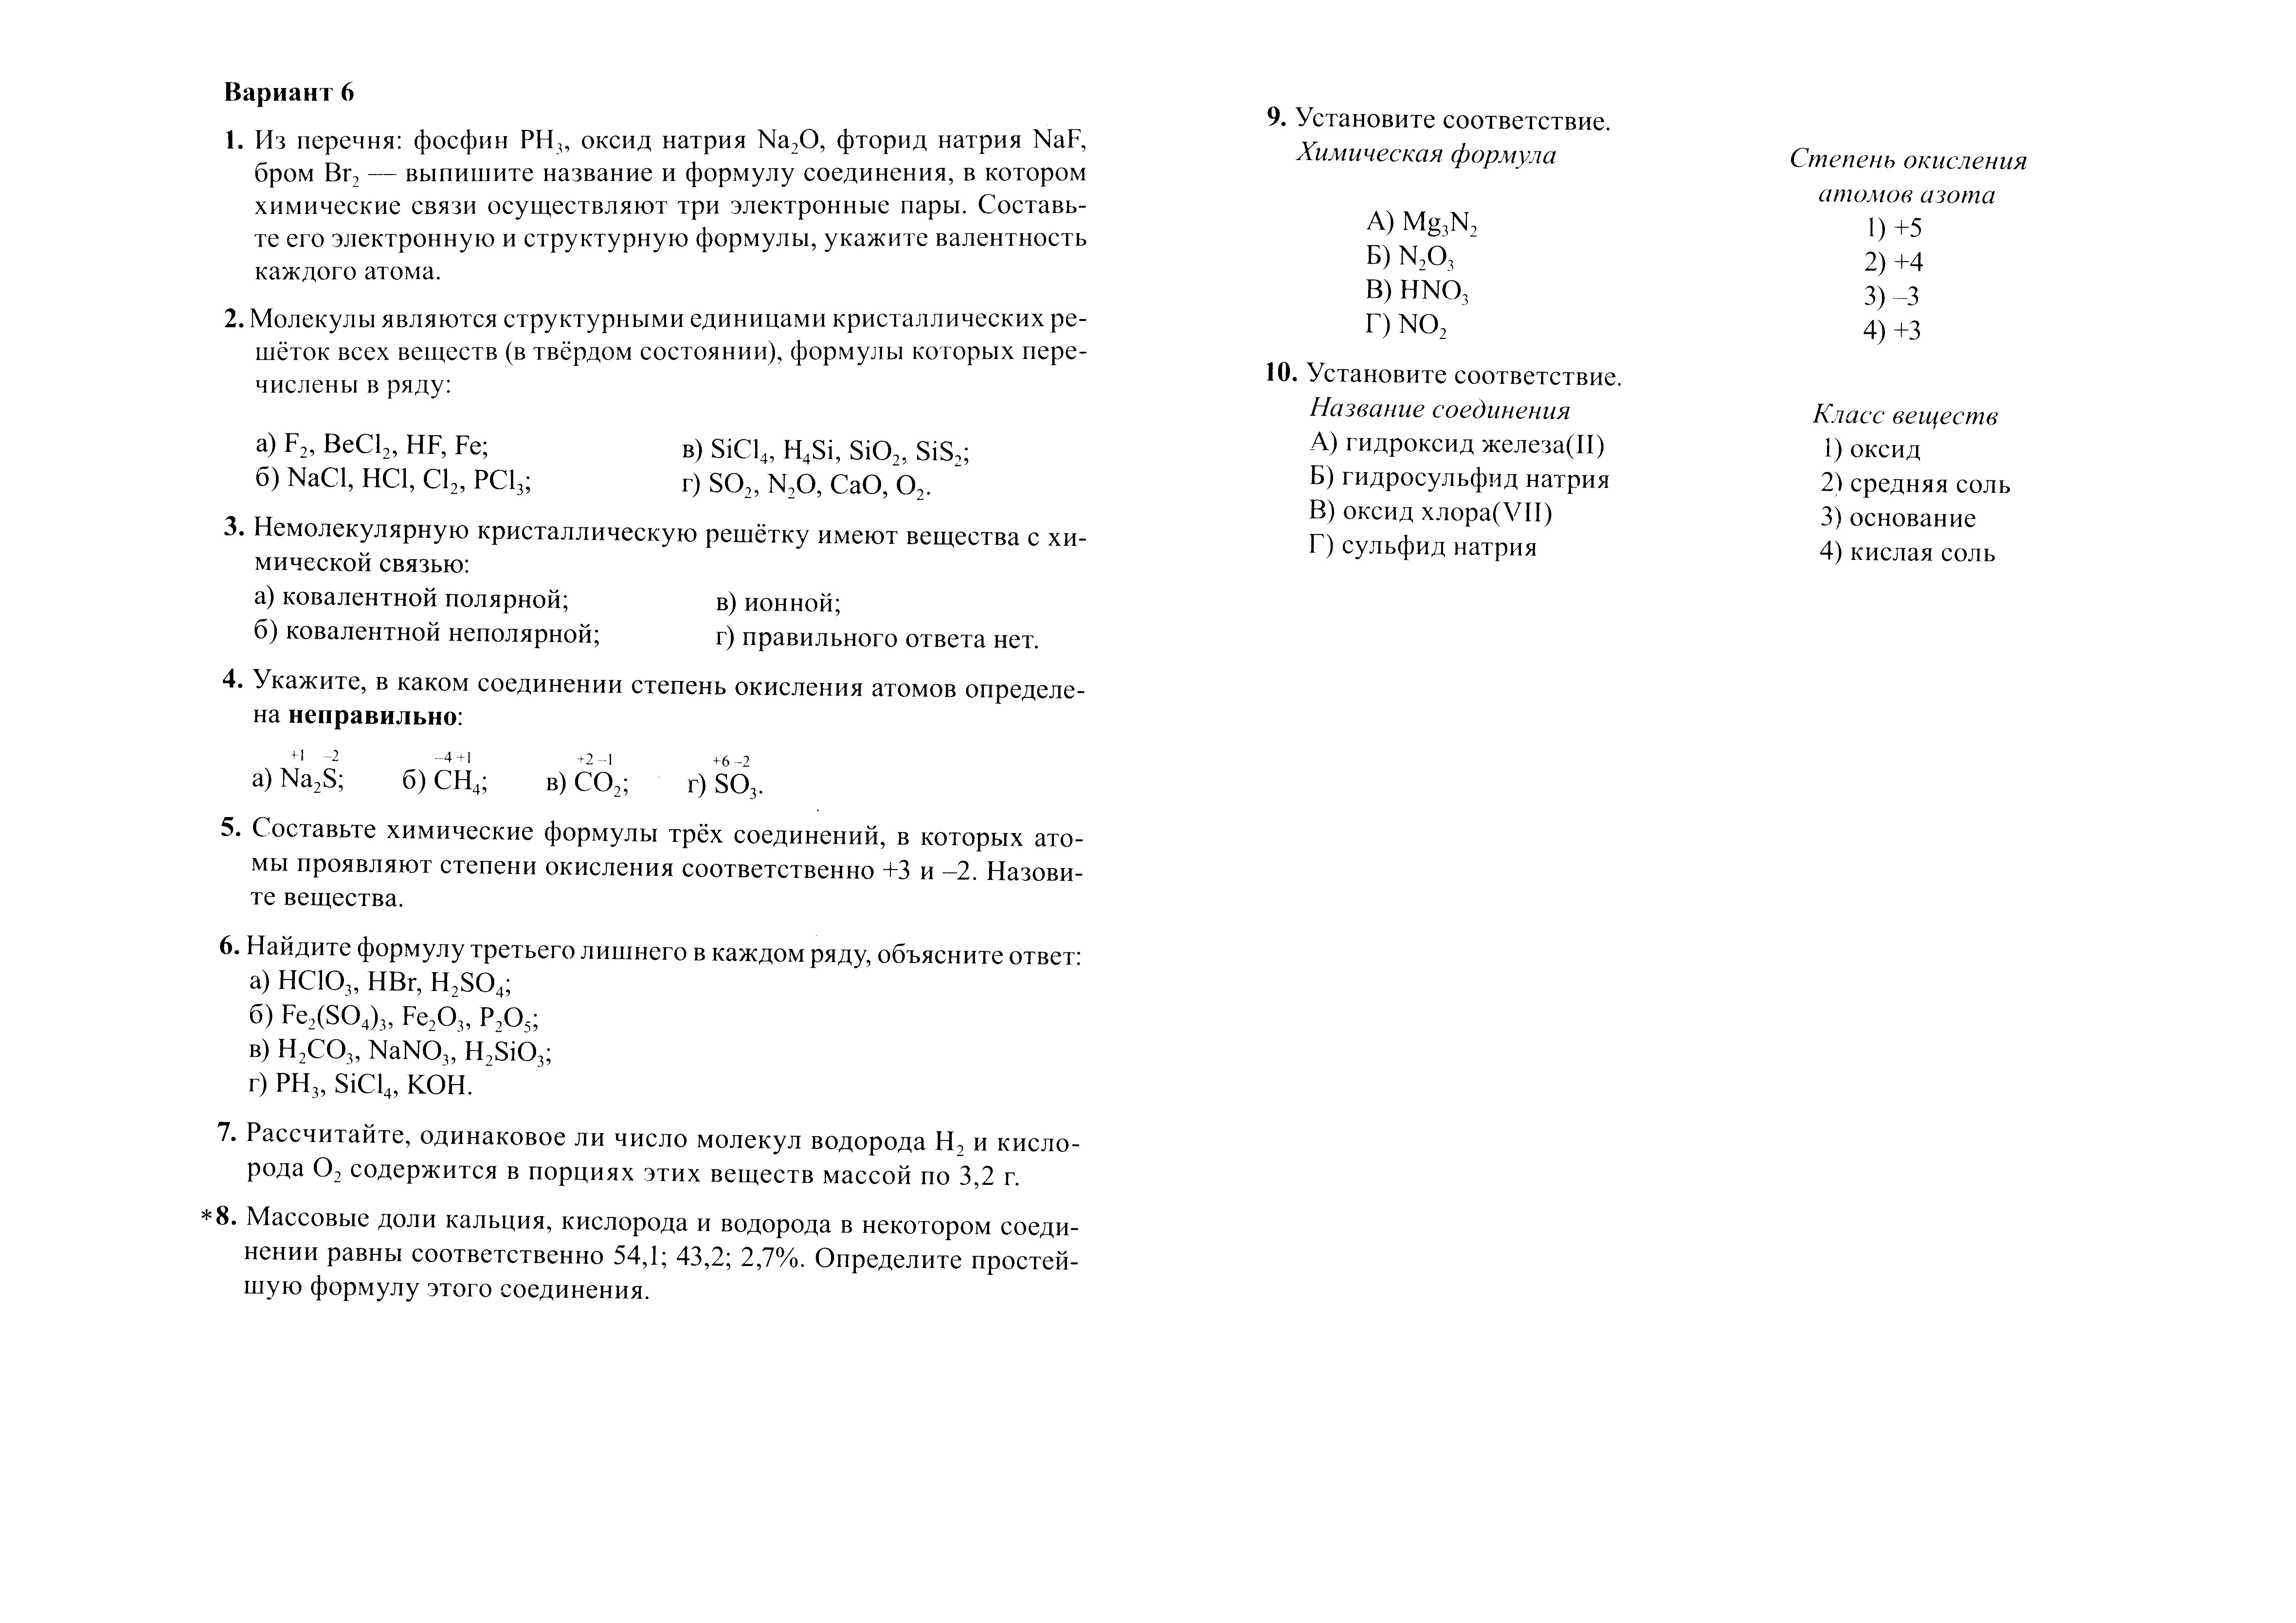 Поурочное планирование химия новошинский 8 класс 2 часа в неделю